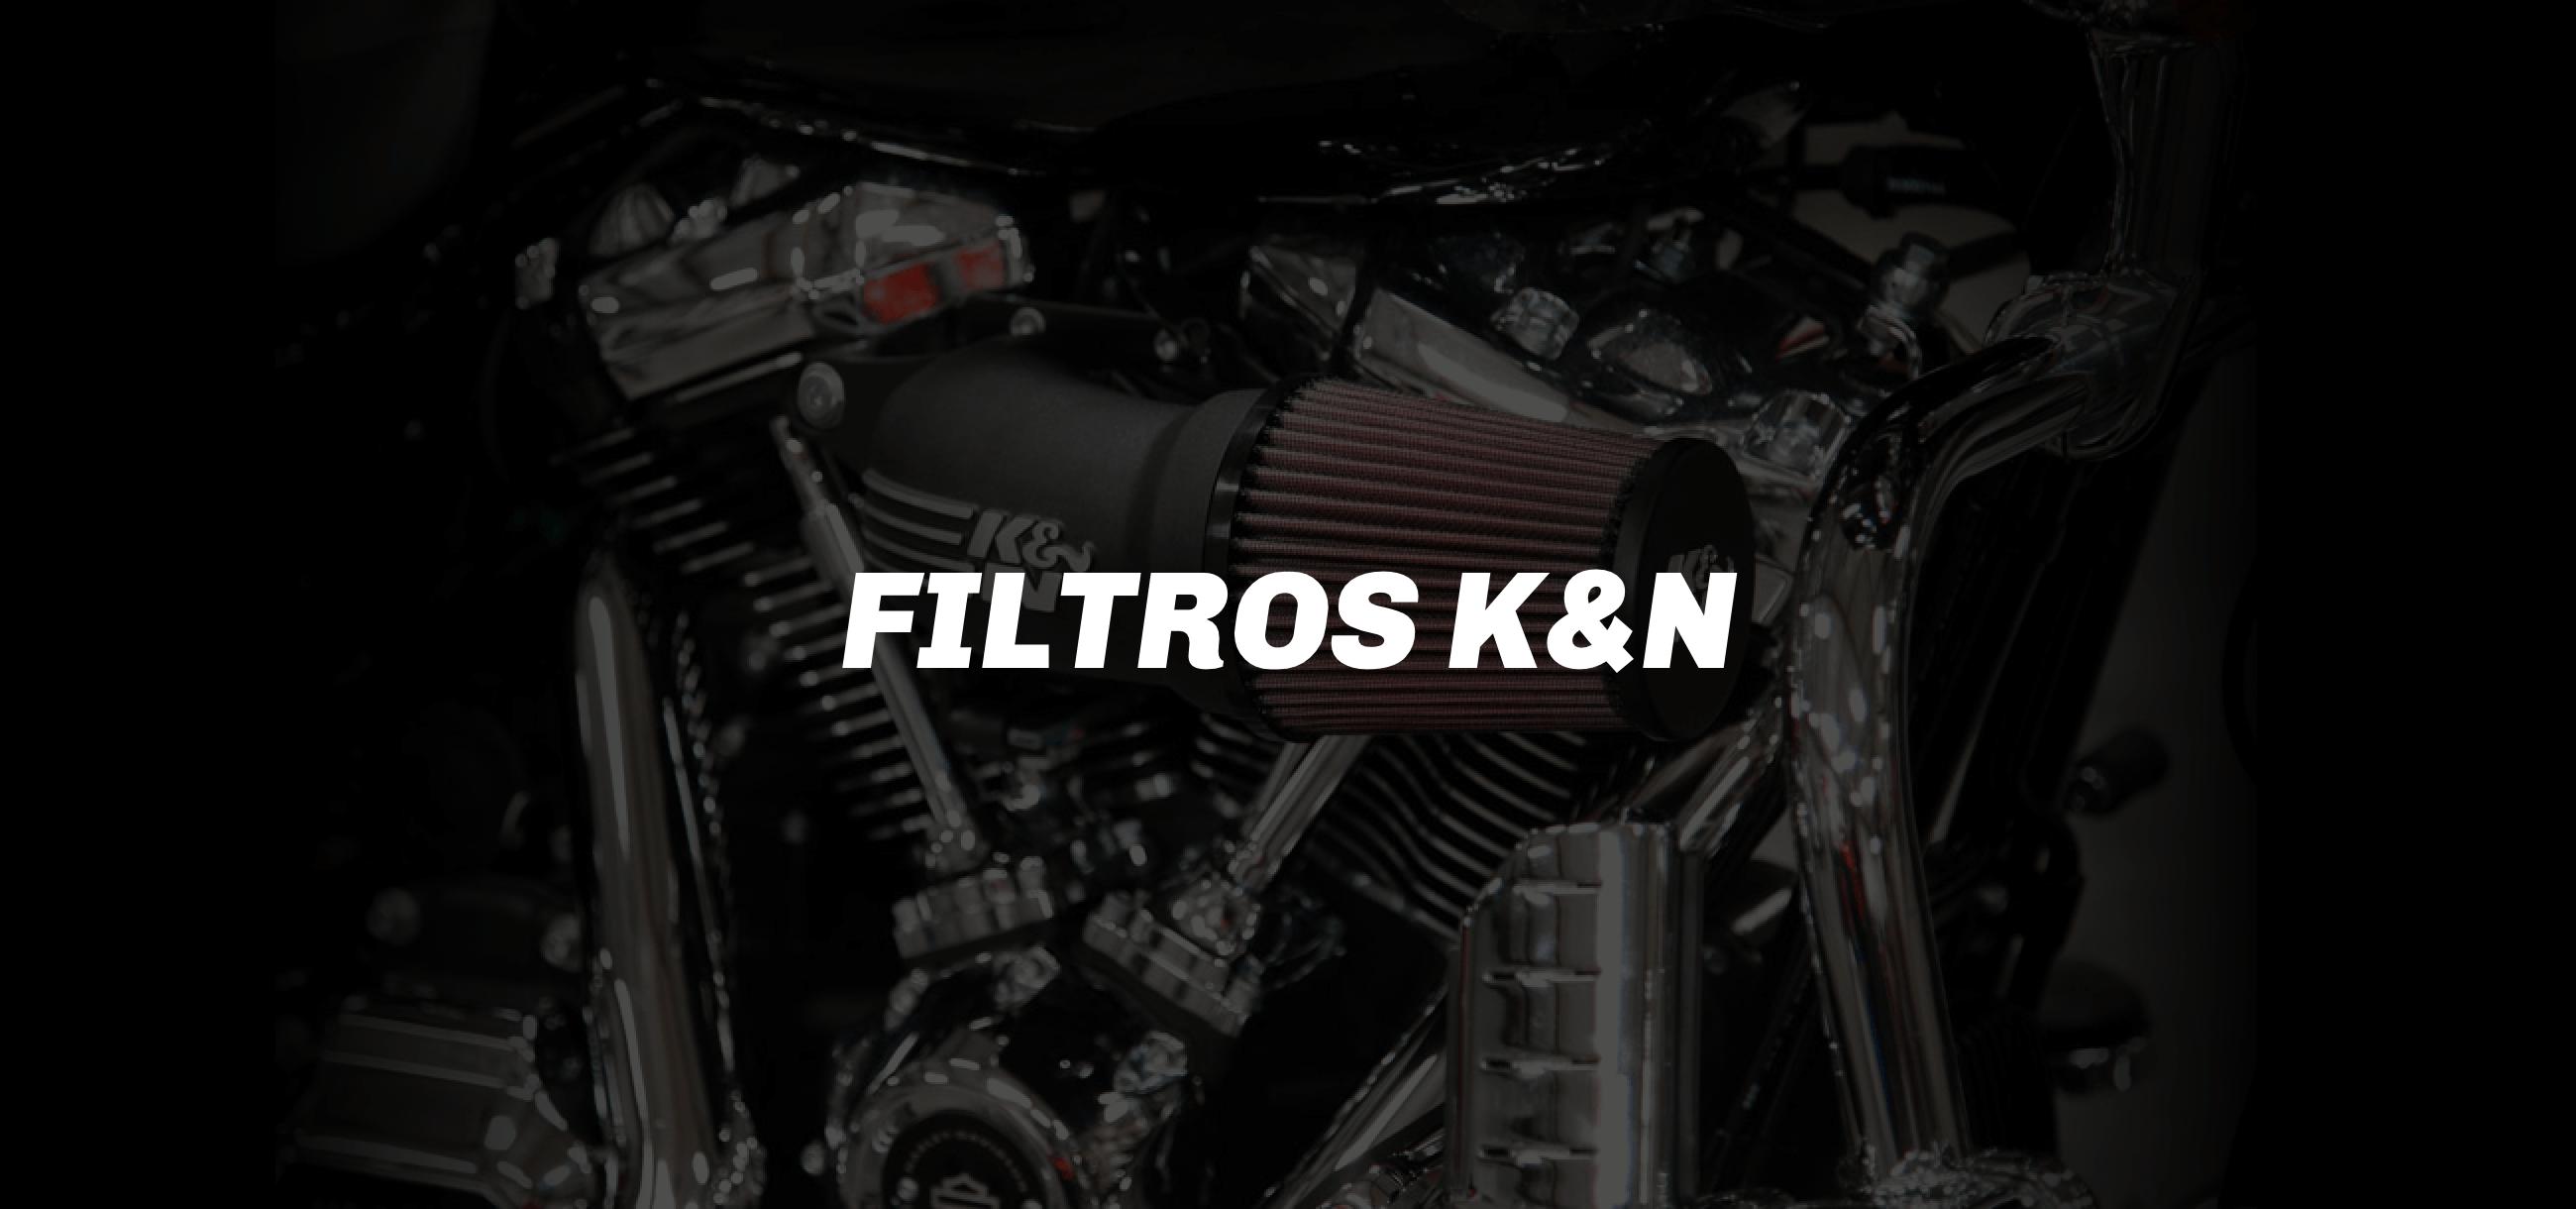 Filtros K&N